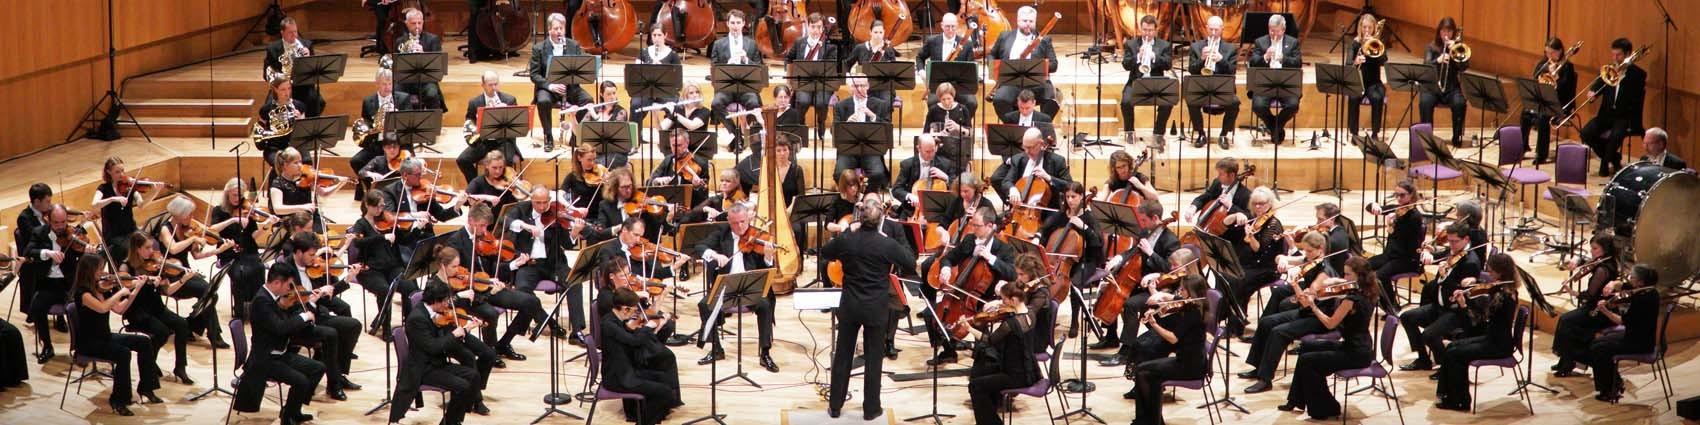 世界のオーケストラ/第35回 <ハレ管弦楽団> イギリス最古のオーケストラ_d0170835_22345912.jpg